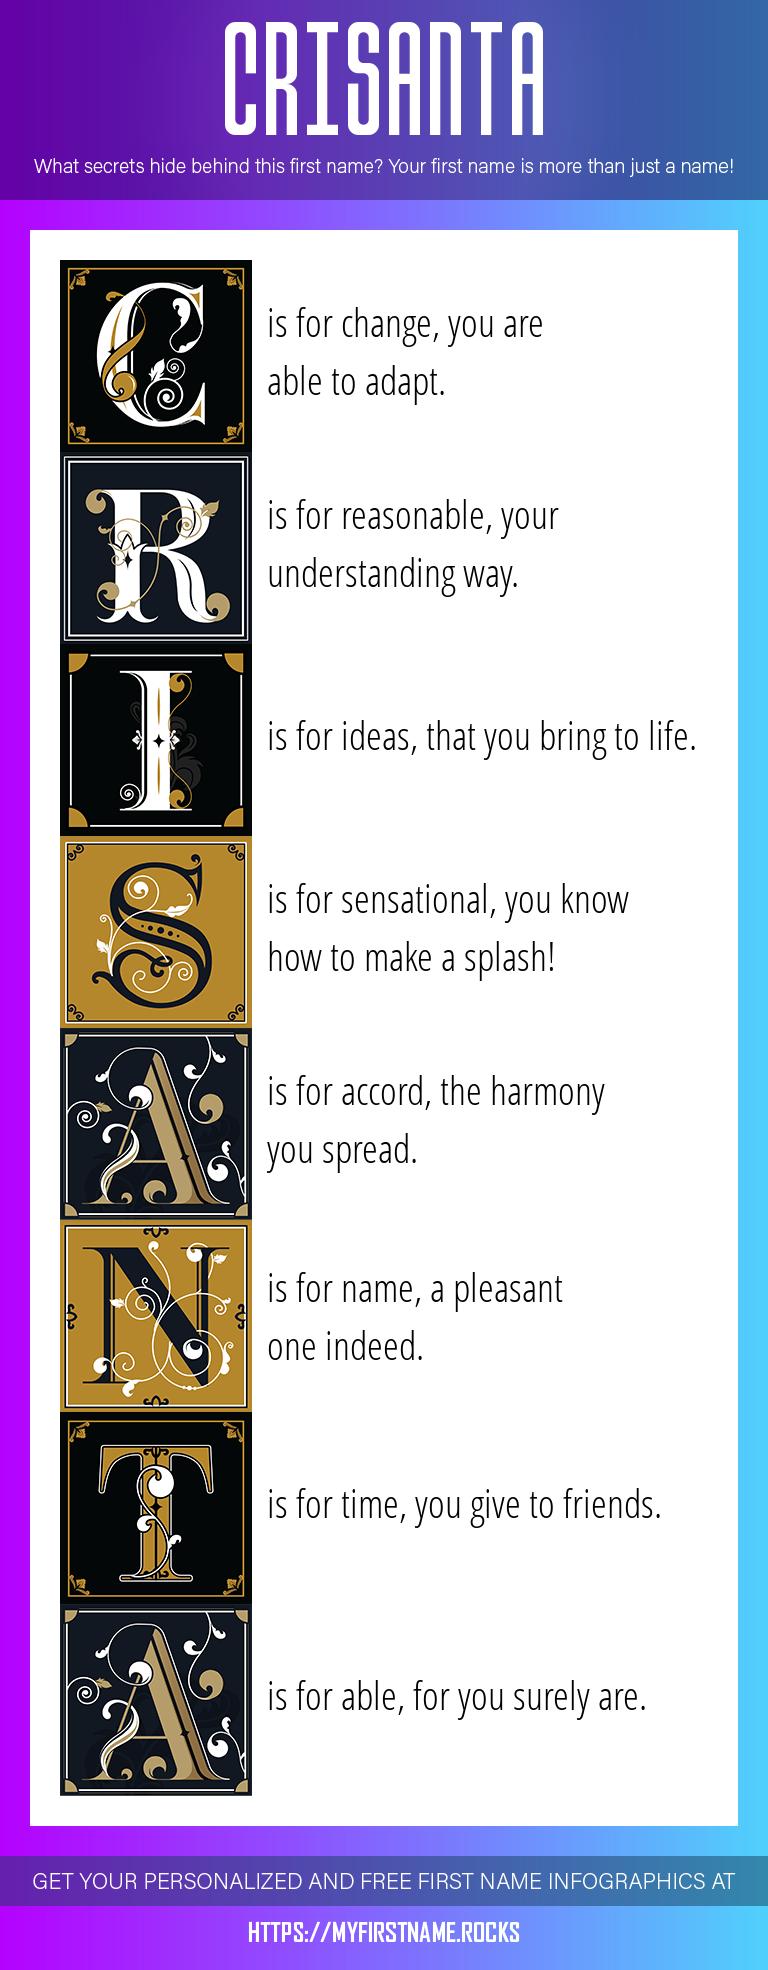 Crisanta Infographics